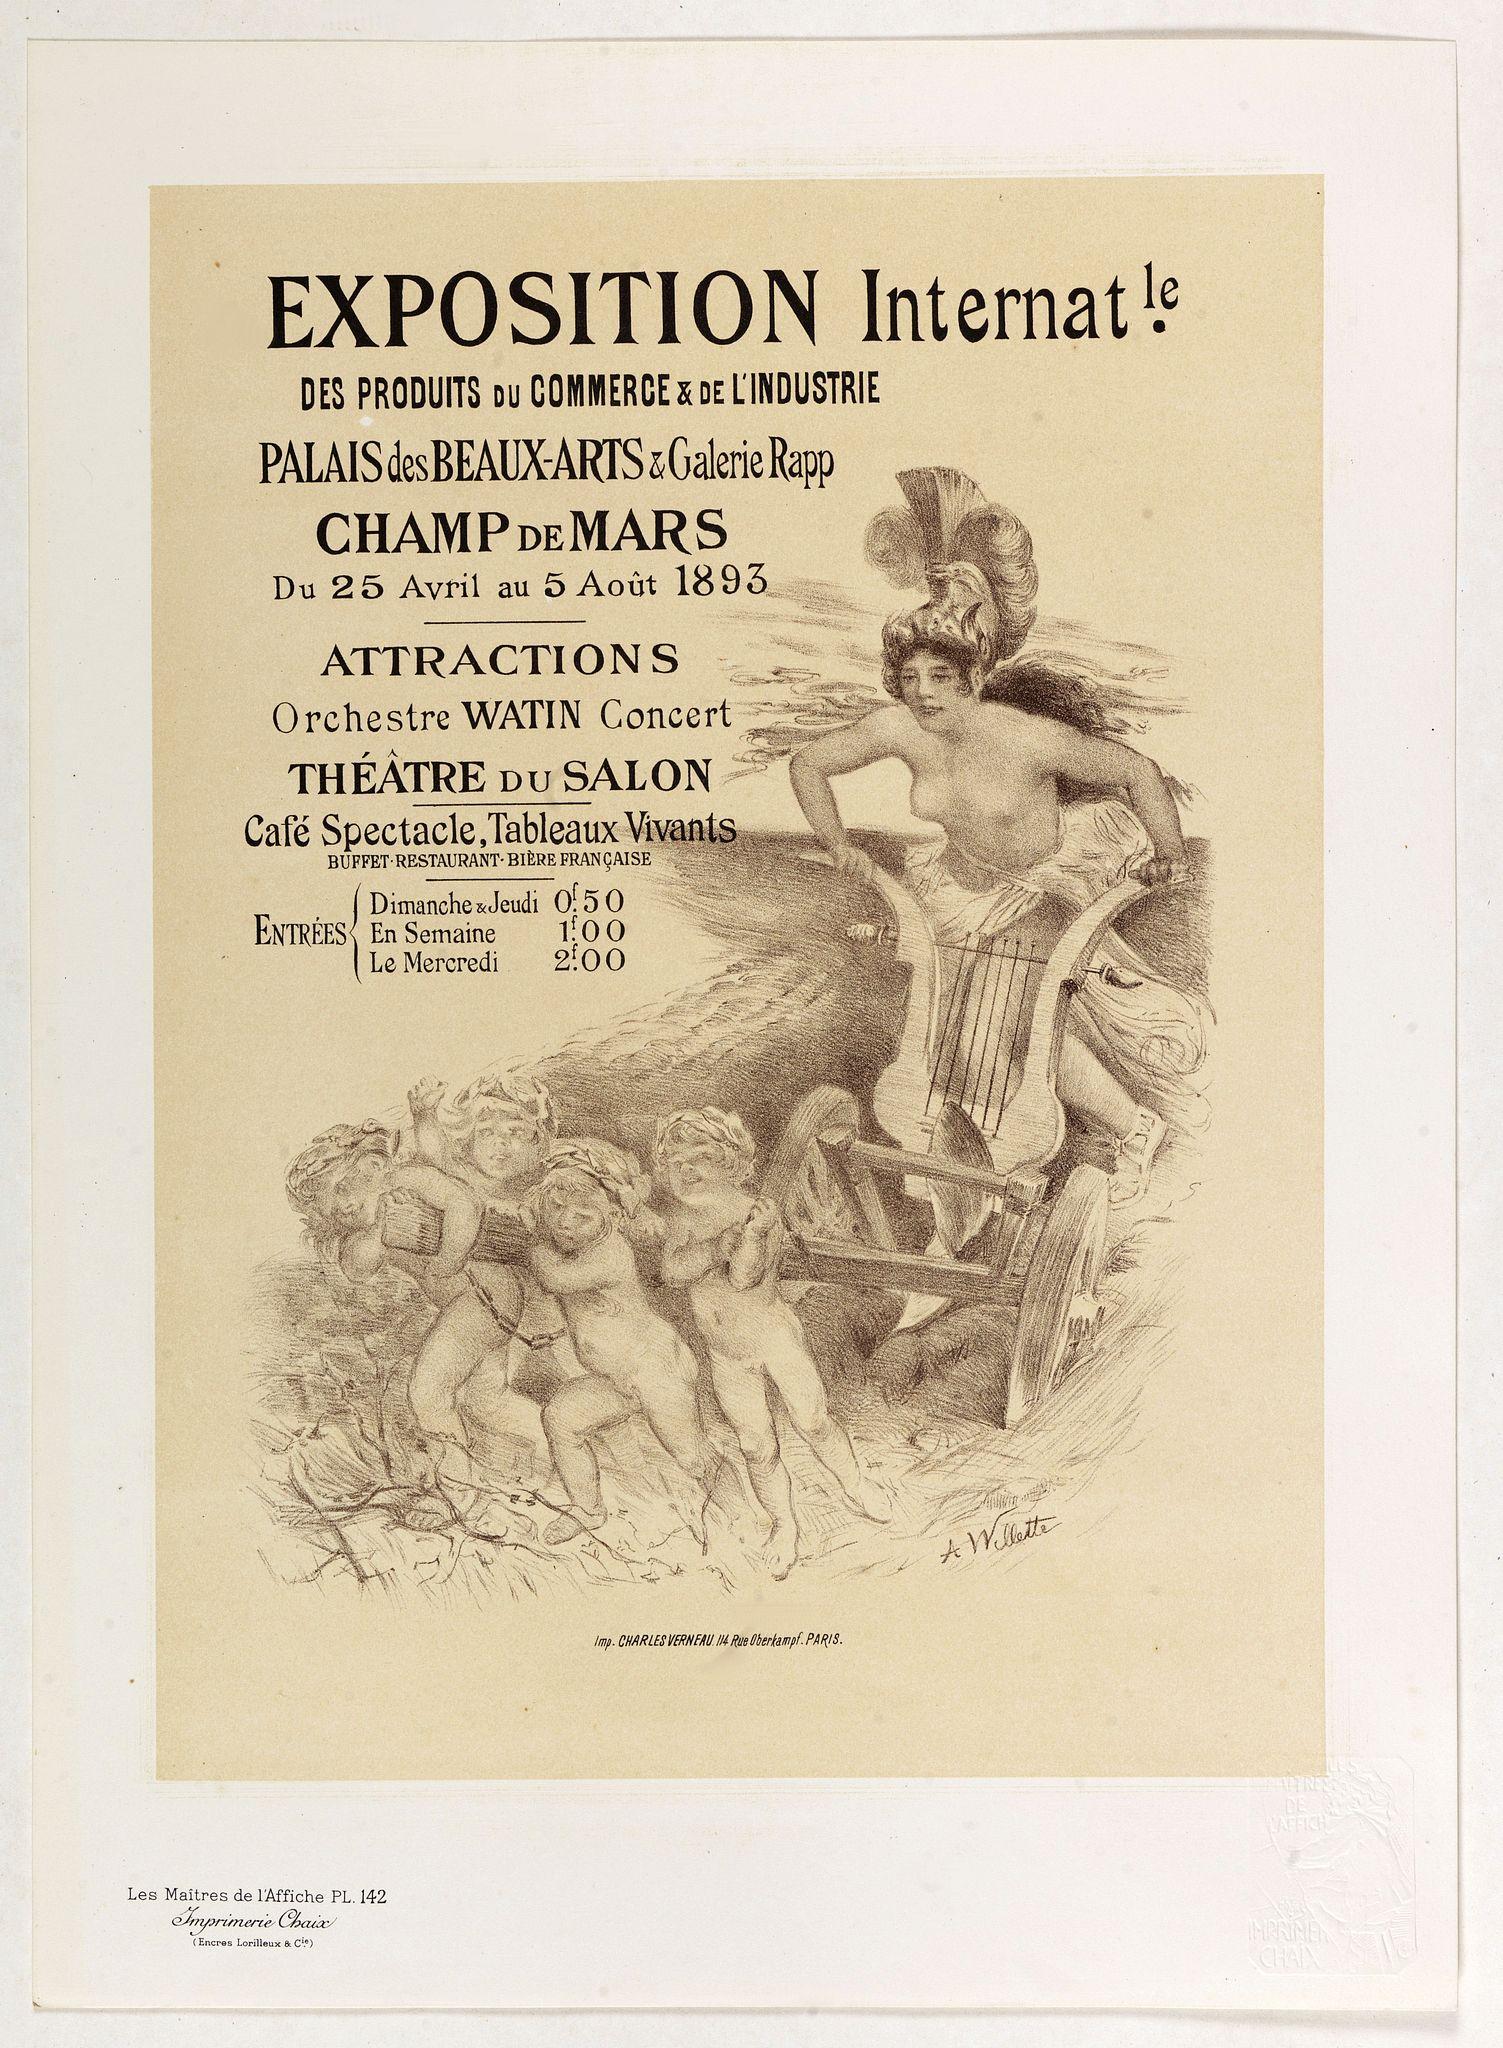 WILETTE, A. -  Exposition Internationale des produits du commerce . . .